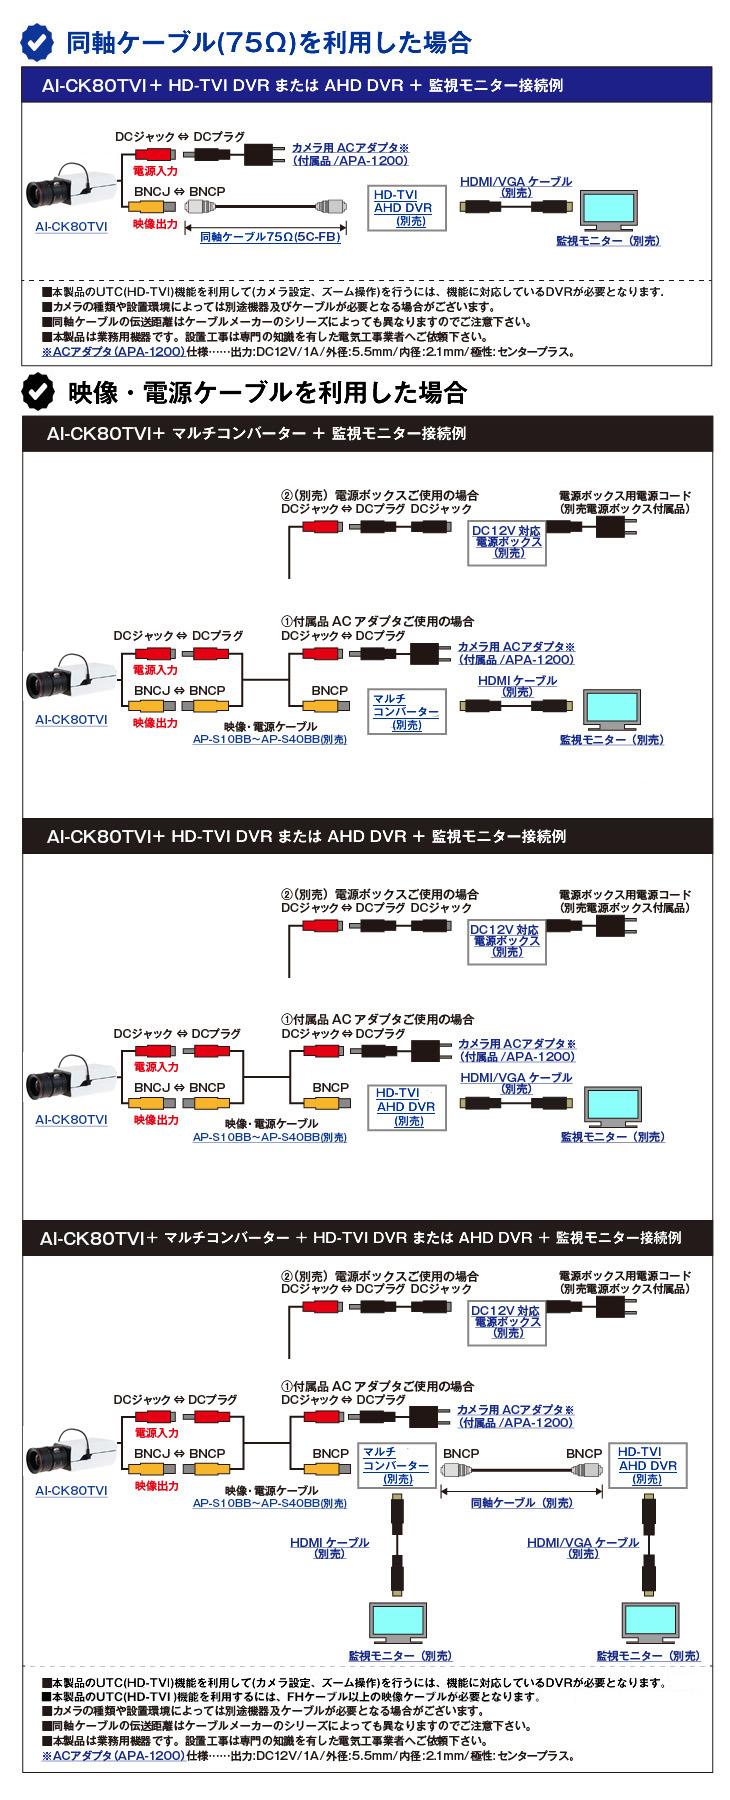 HD-TVI 829万画素防犯カメラ(AI-CK80TVI)